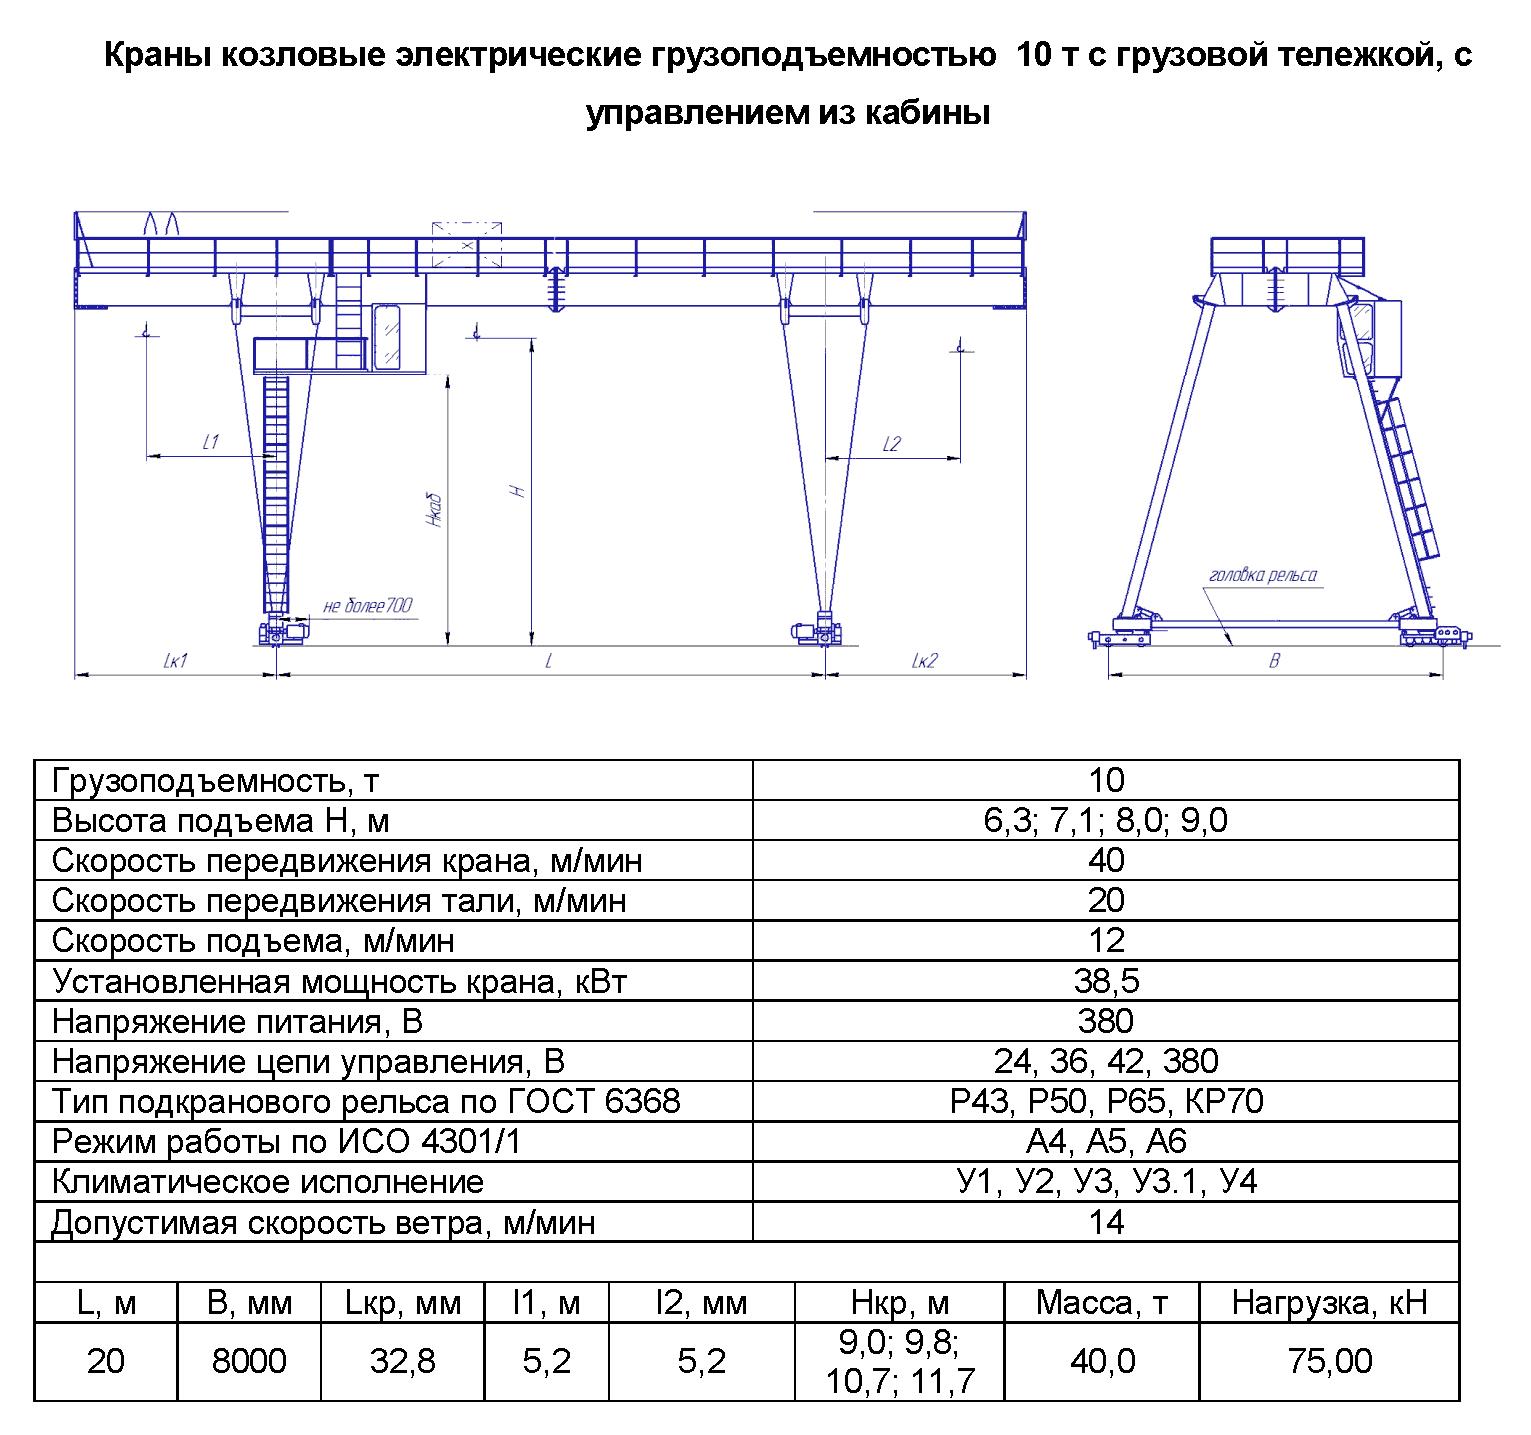 KKD 10 200 - Кран козловой электрический двухбалочный